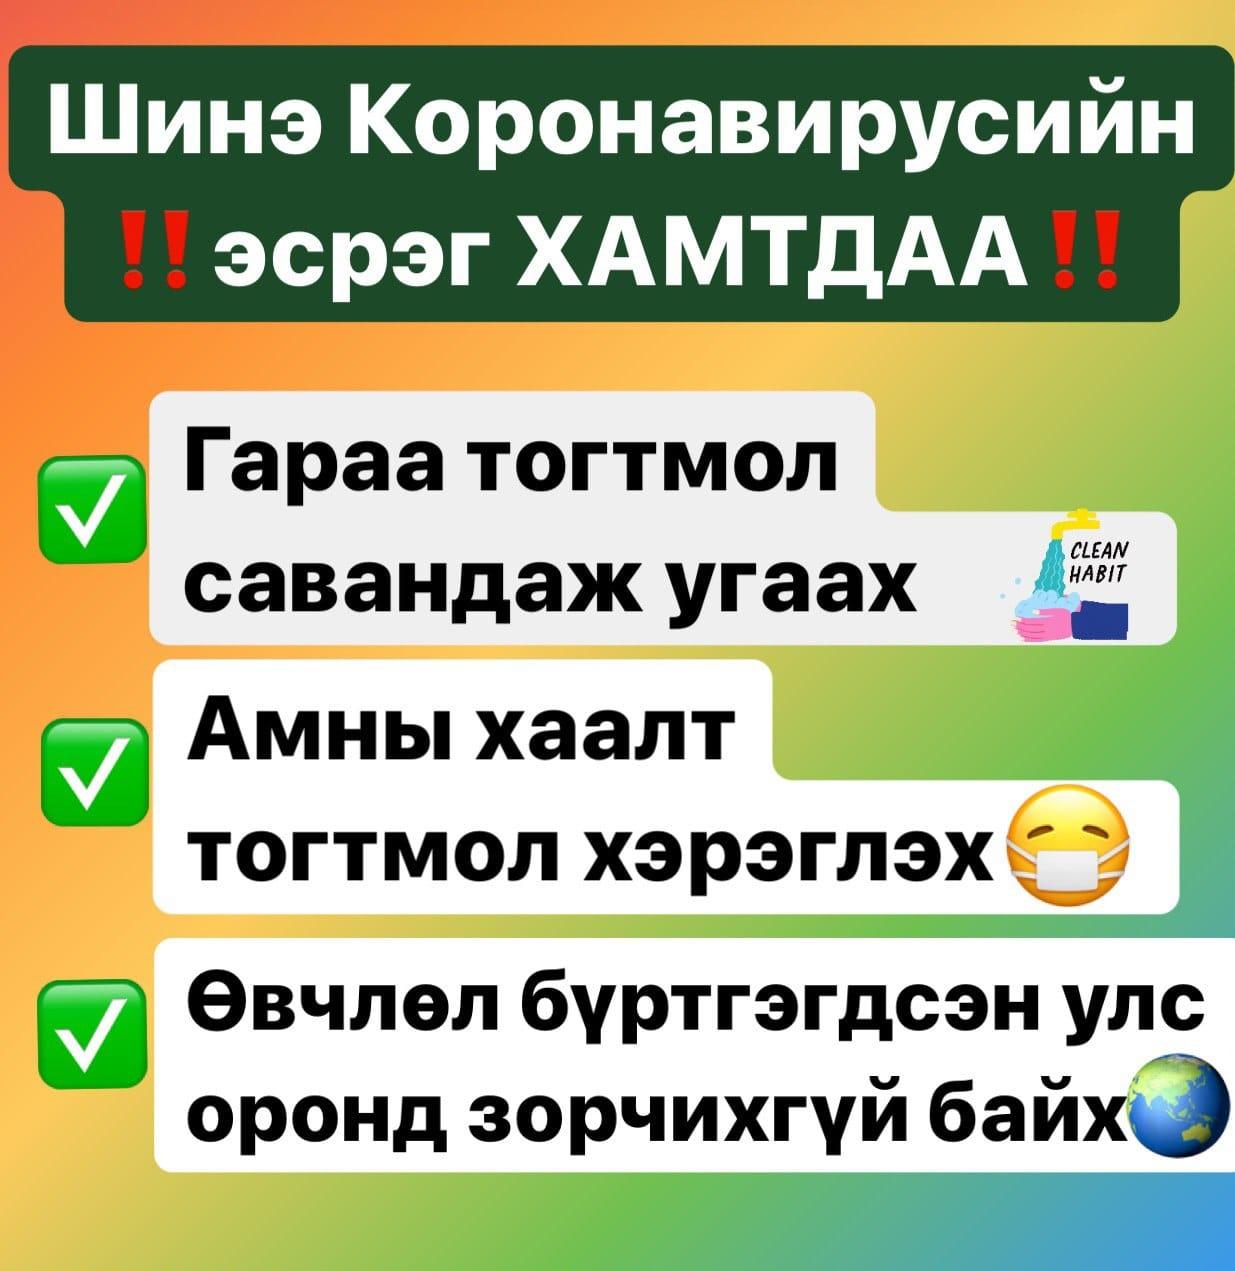 Корона вирусын халдвараас сэргийлэх гурван үндсэн зөвлөмж тараагдаж байгаа ч дараах зөвлөмжийг гэр орондоо чандлан сахих нь зүйтэй байна.